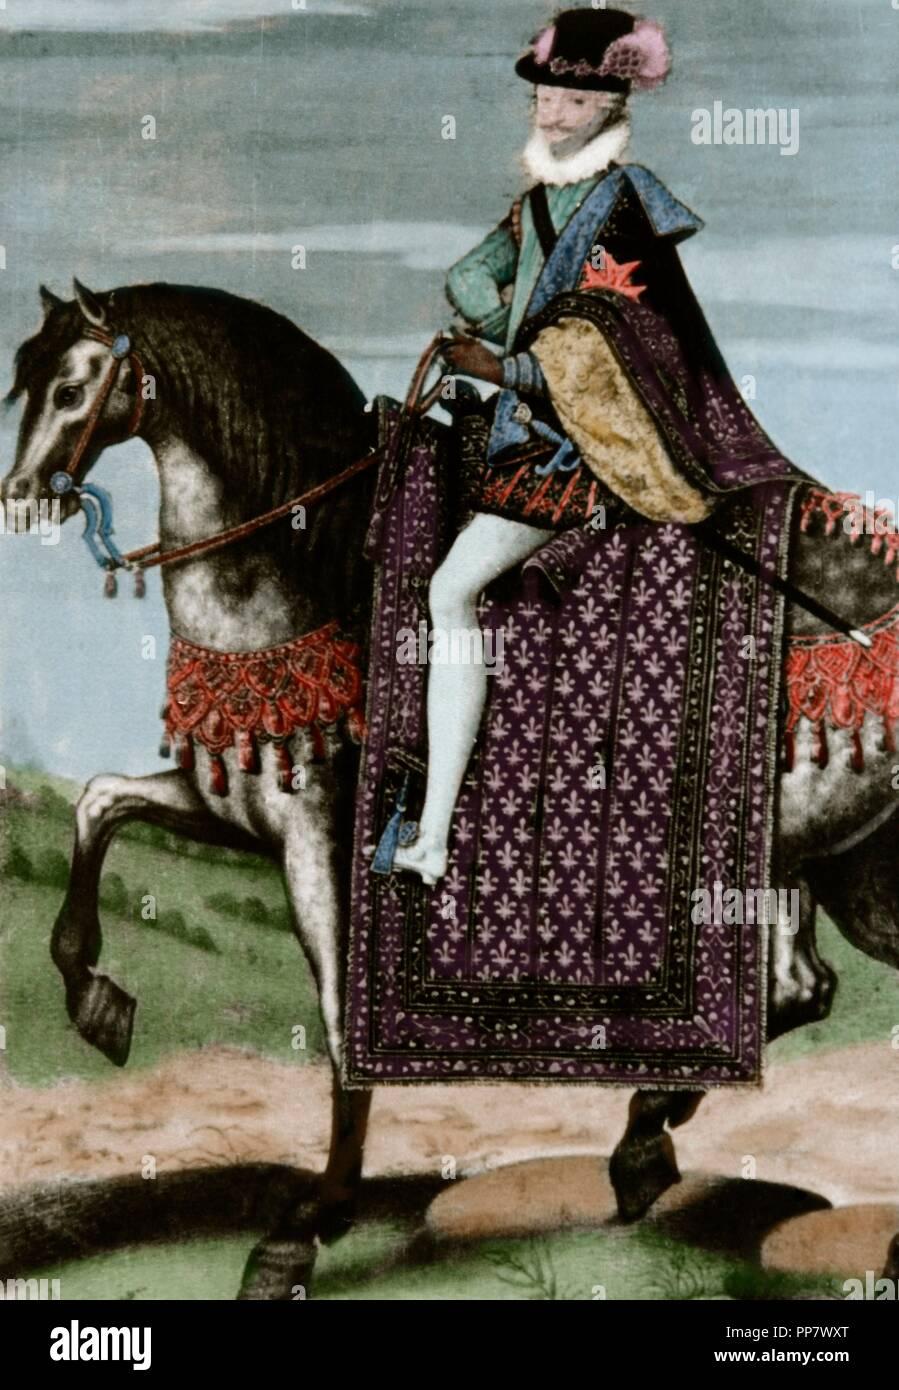 Enrique IV de Francia (1553-1610). Rey de Navarra como Enrique III de 1572-1610 y de 1589-1610, Rey de Francia. Retrato ecuestre. Grabado. Coloreada. Foto de stock